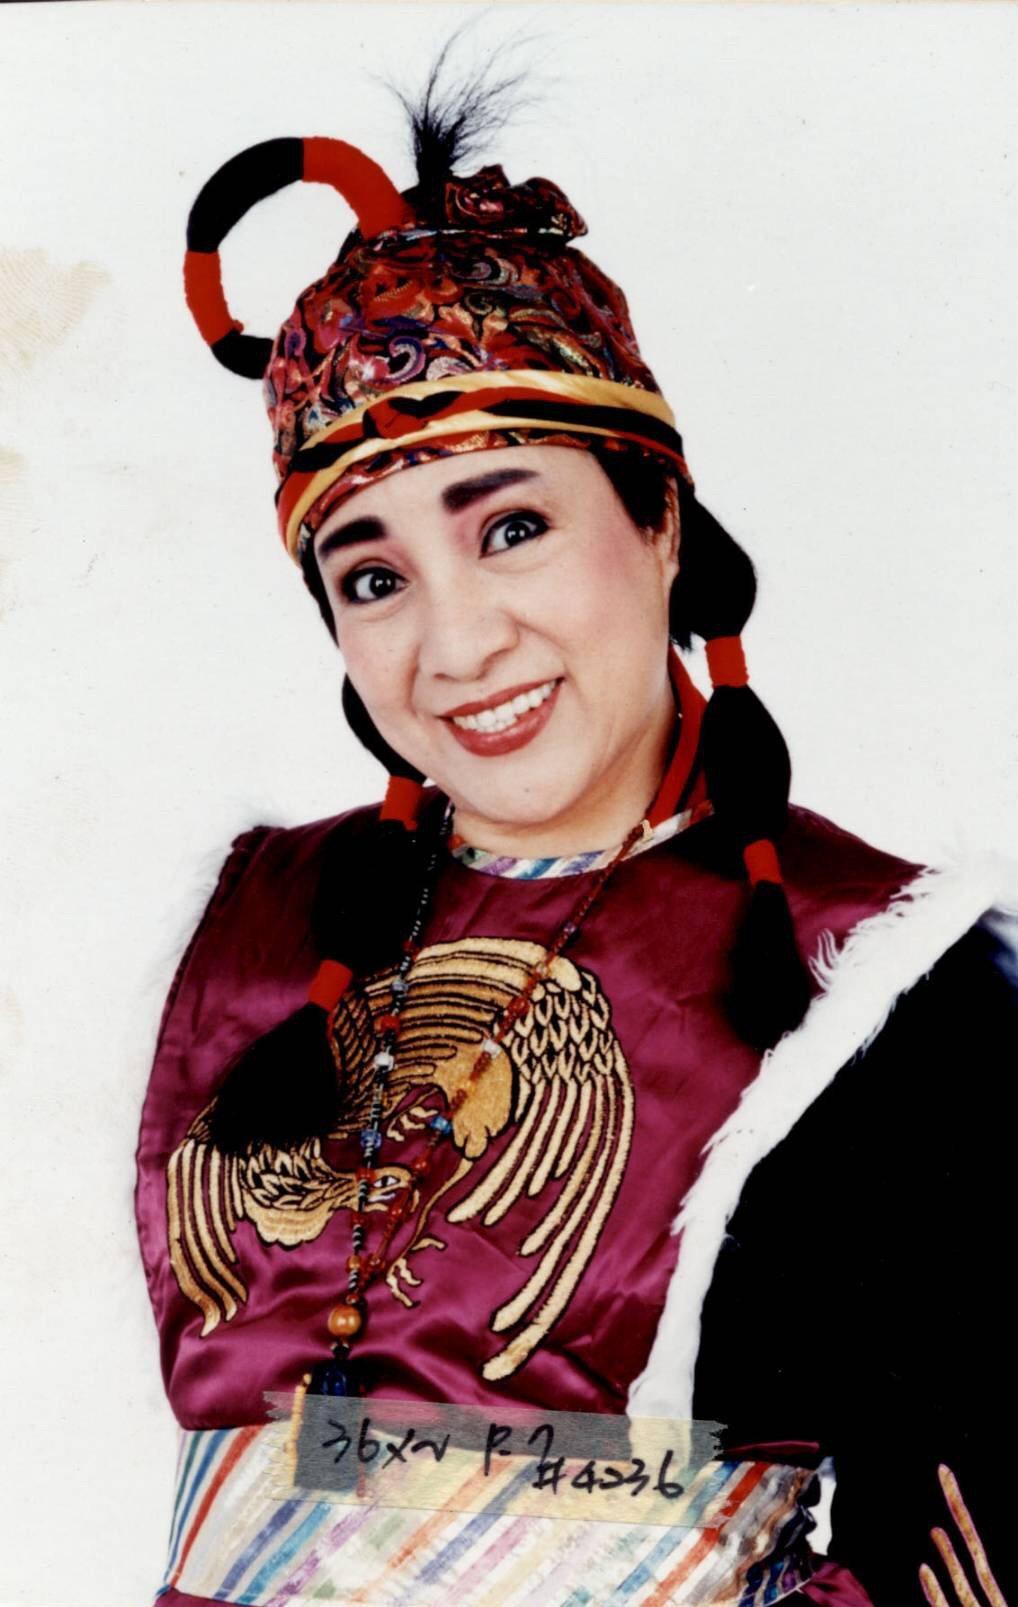 小鳳仙是歌仔戲戲迷心目中的開心果戲神。圖/楊麗花歌仔戲提供